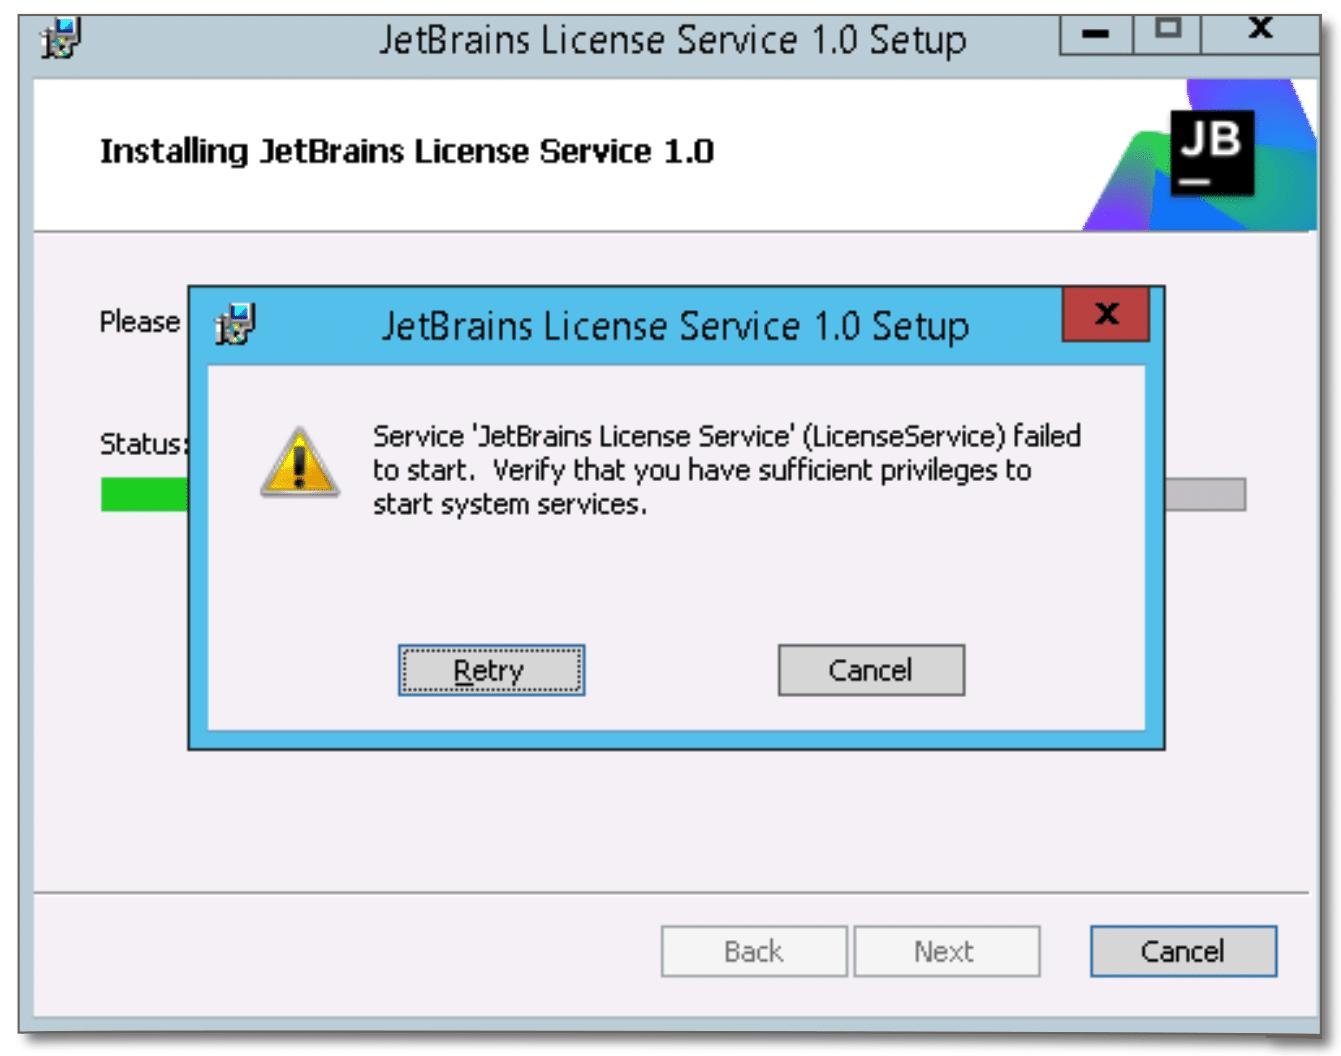 Fails during the restart step - Help | Floating License Server